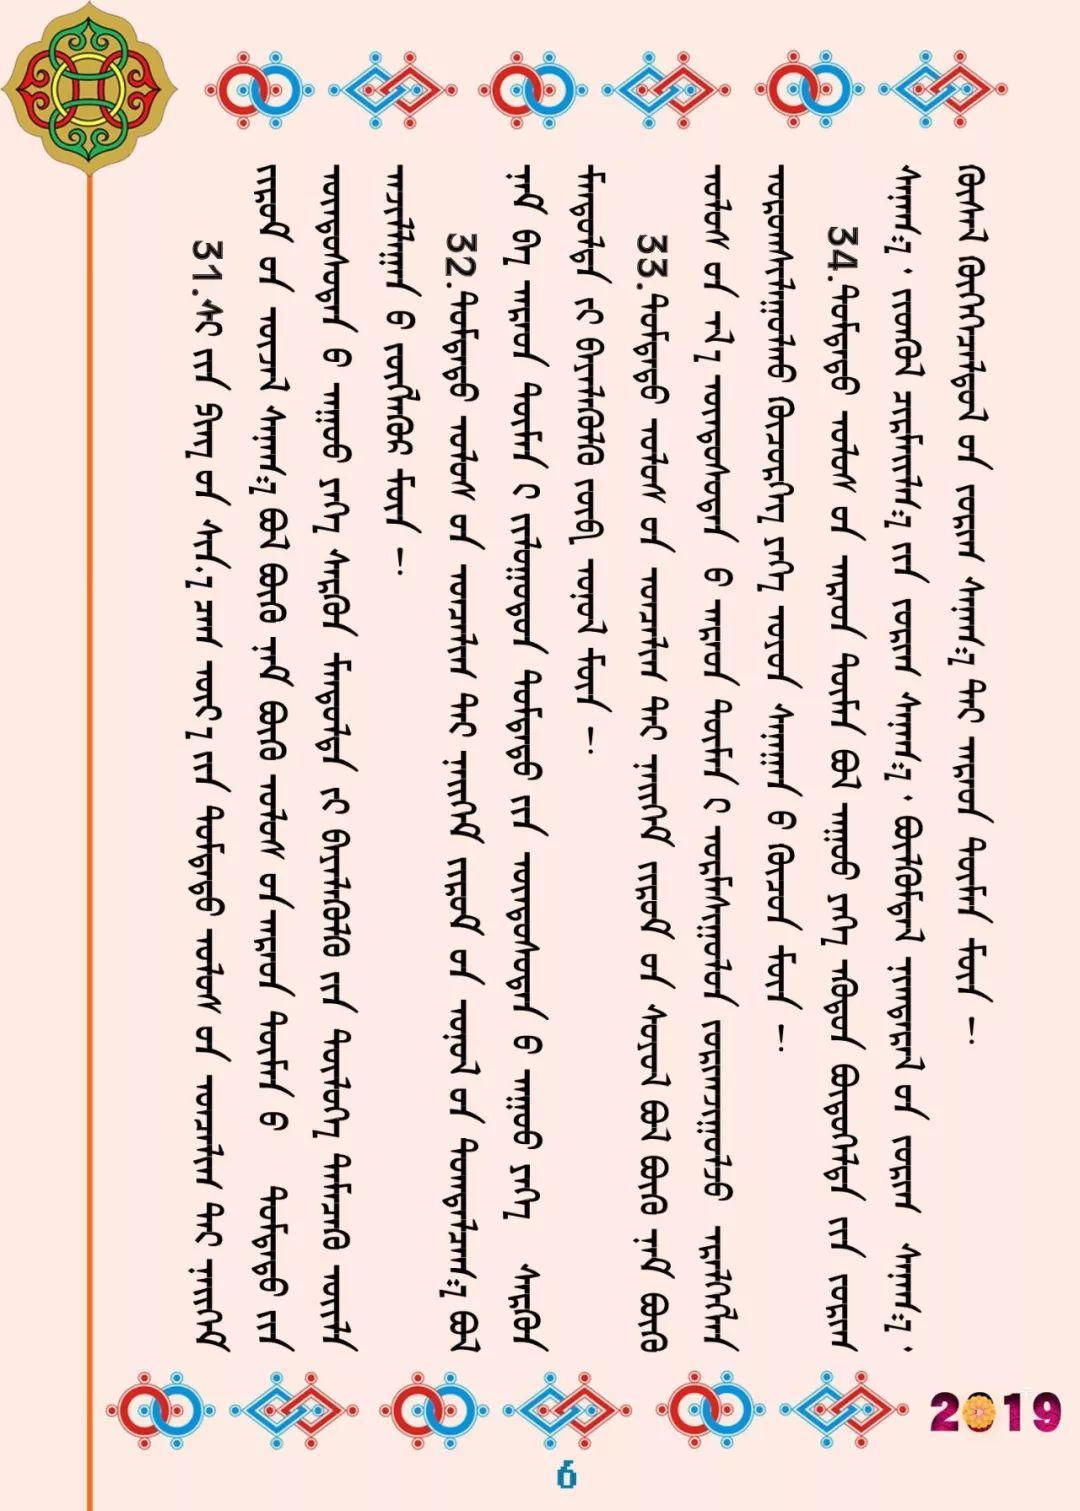 【蒙古文】阿拉善盟民族团结进步宣传标语(蒙汉双语) 第6张 【蒙古文】阿拉善盟民族团结进步宣传标语(蒙汉双语) 蒙古文库